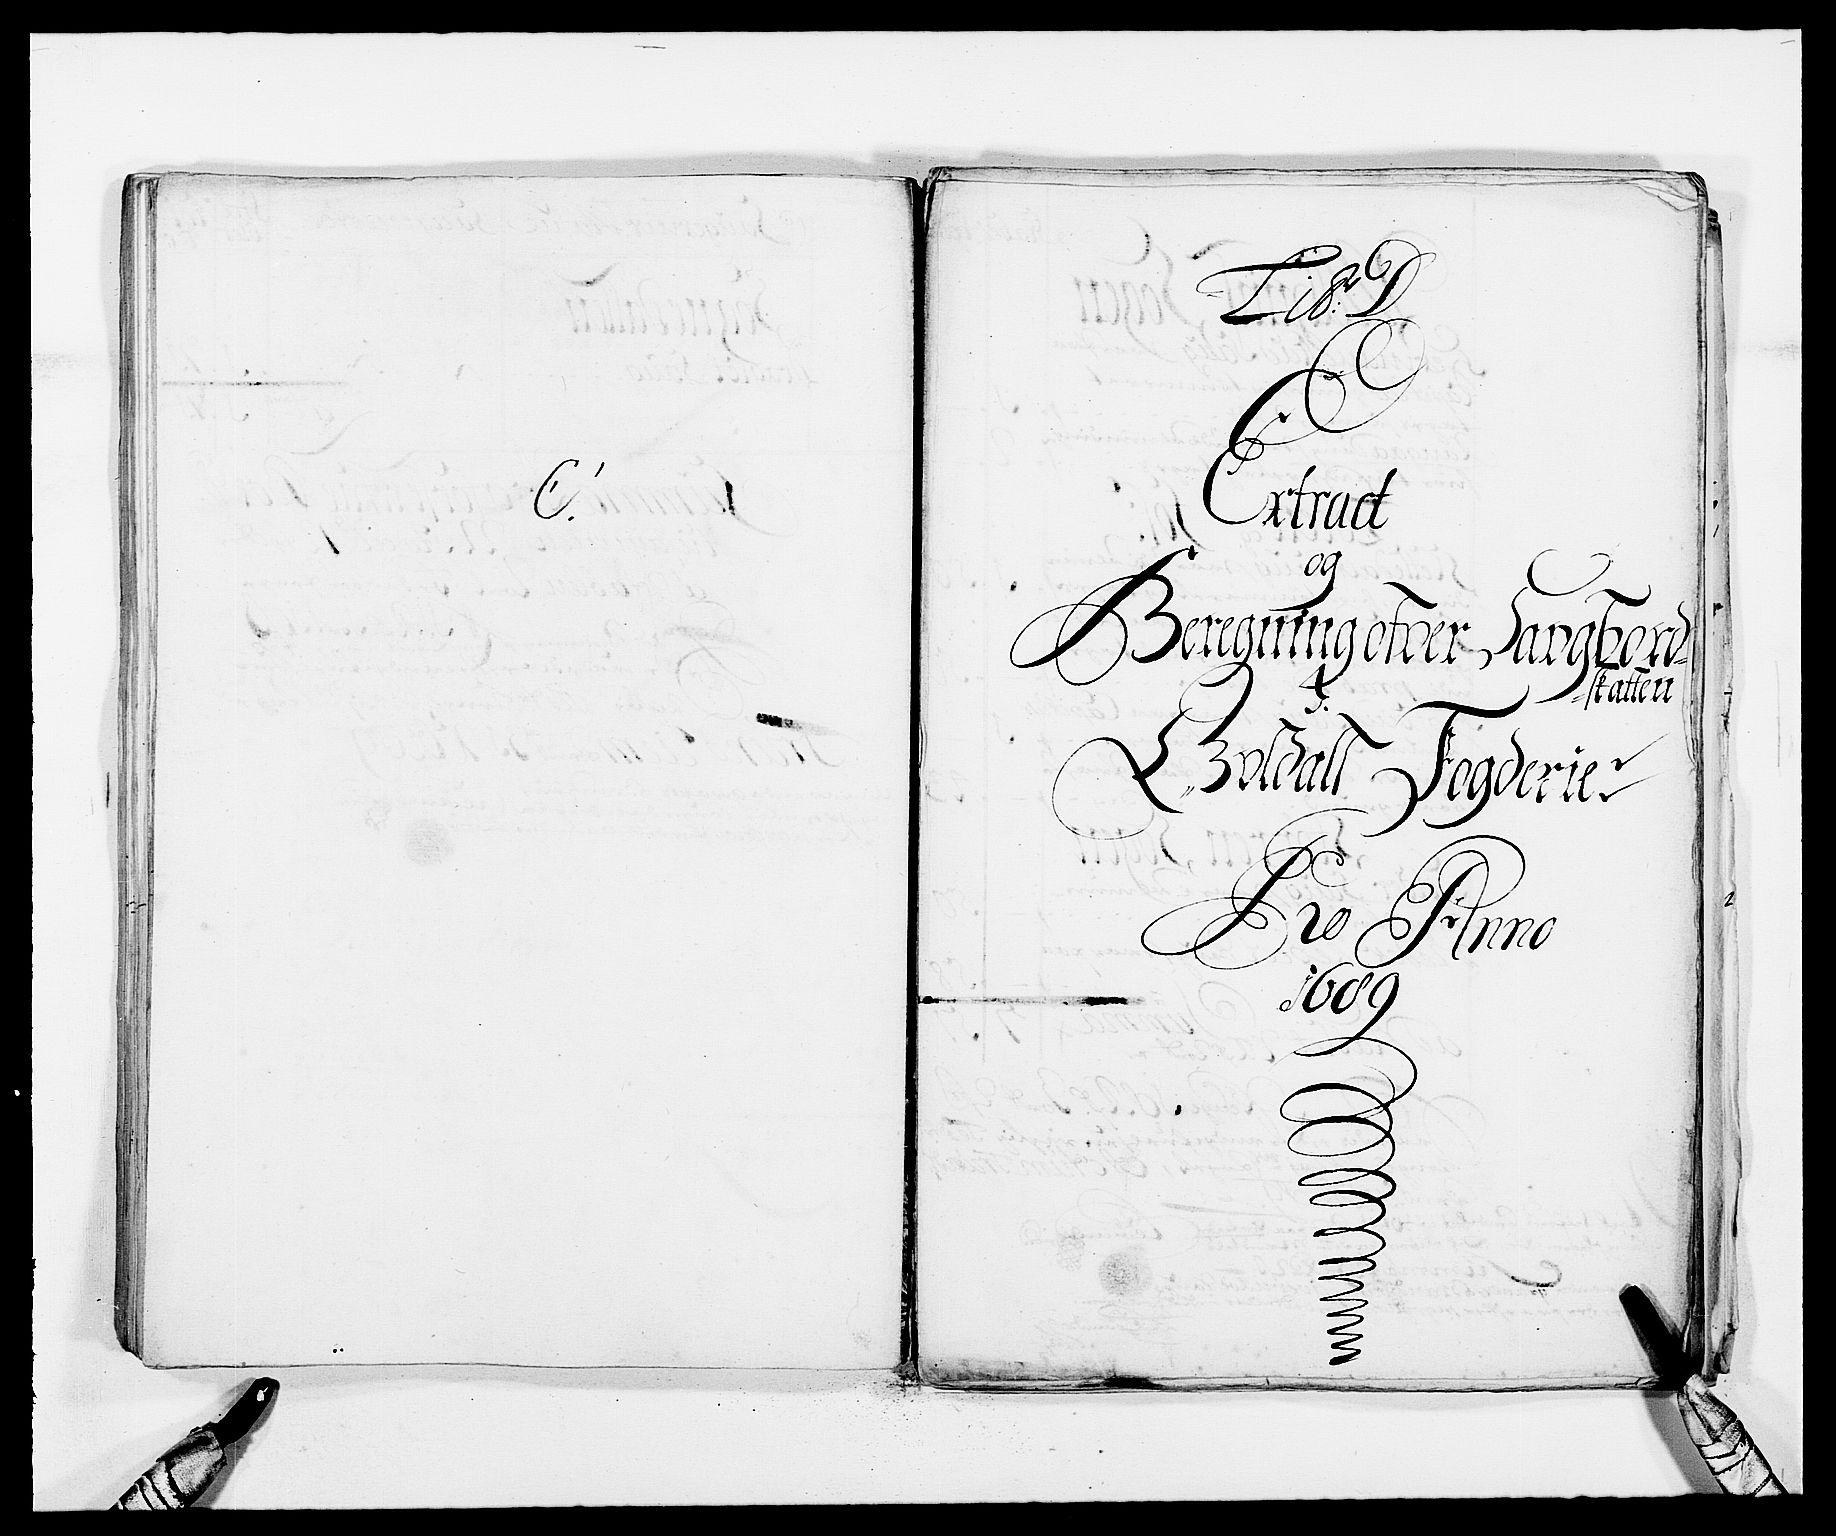 RA, Rentekammeret inntil 1814, Reviderte regnskaper, Fogderegnskap, R59/L3940: Fogderegnskap Gauldal, 1689-1690, s. 65